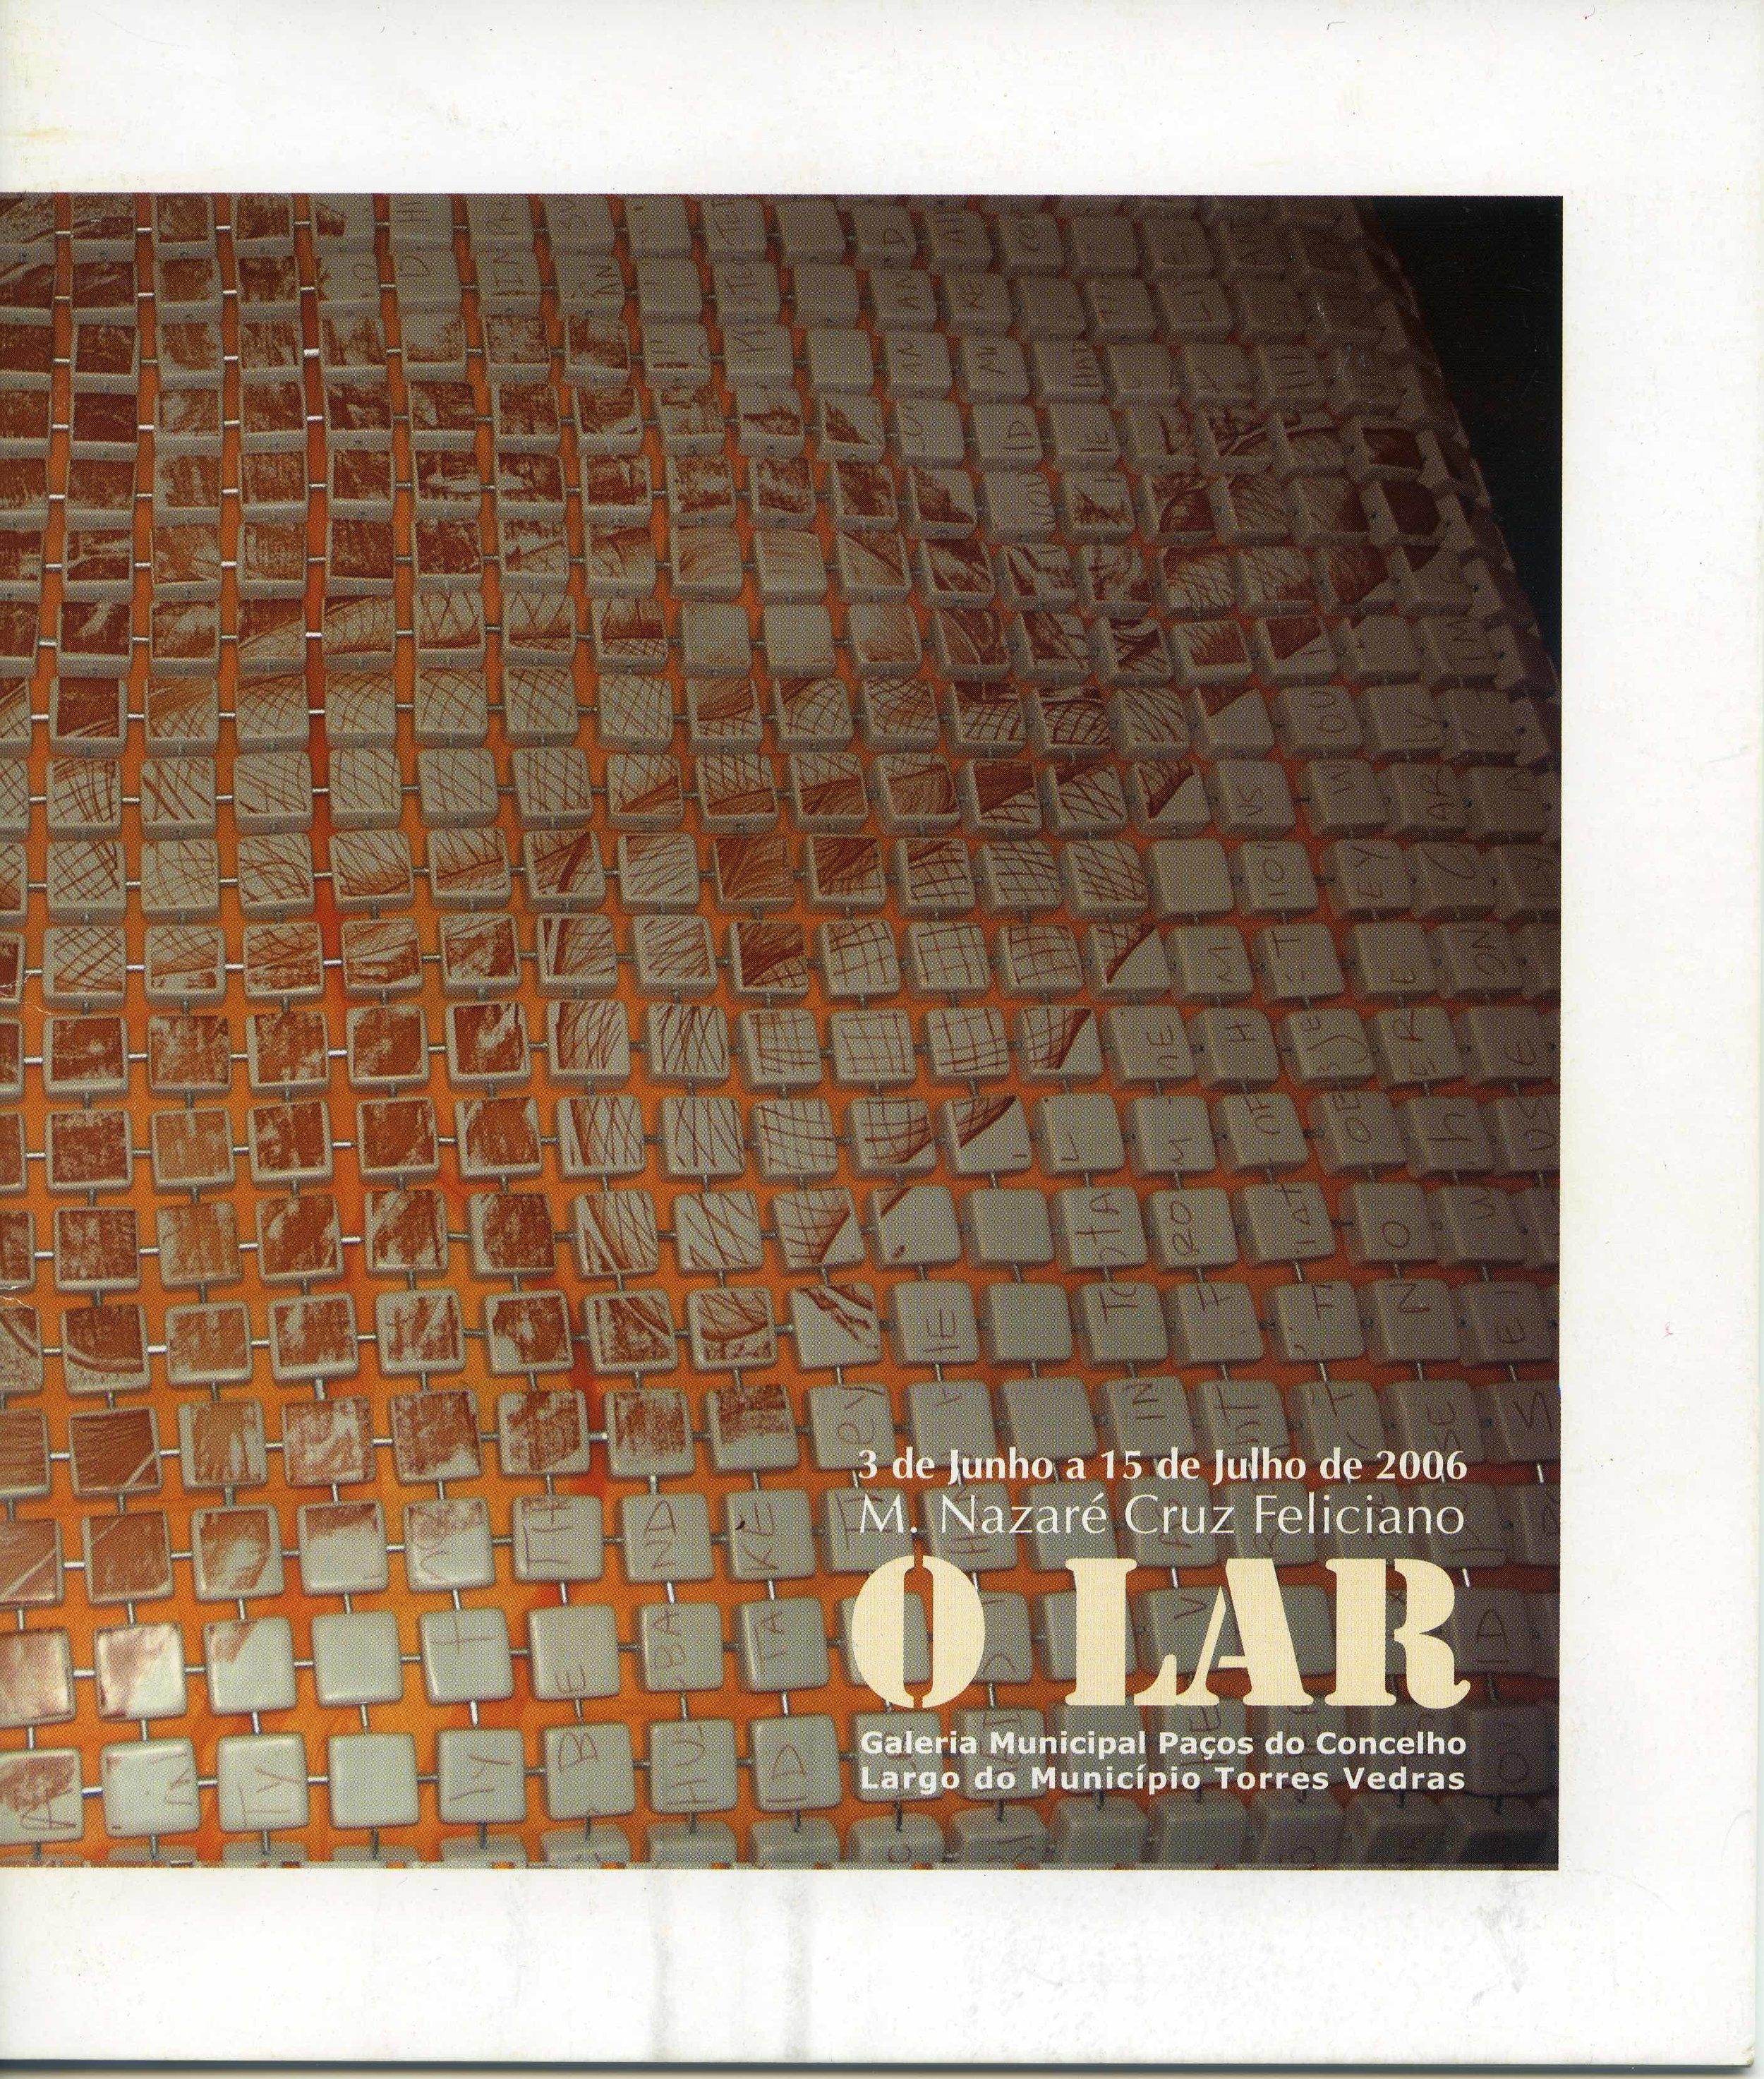 O Lar  2006, solo exhibition, Portugal - Catalog Cover